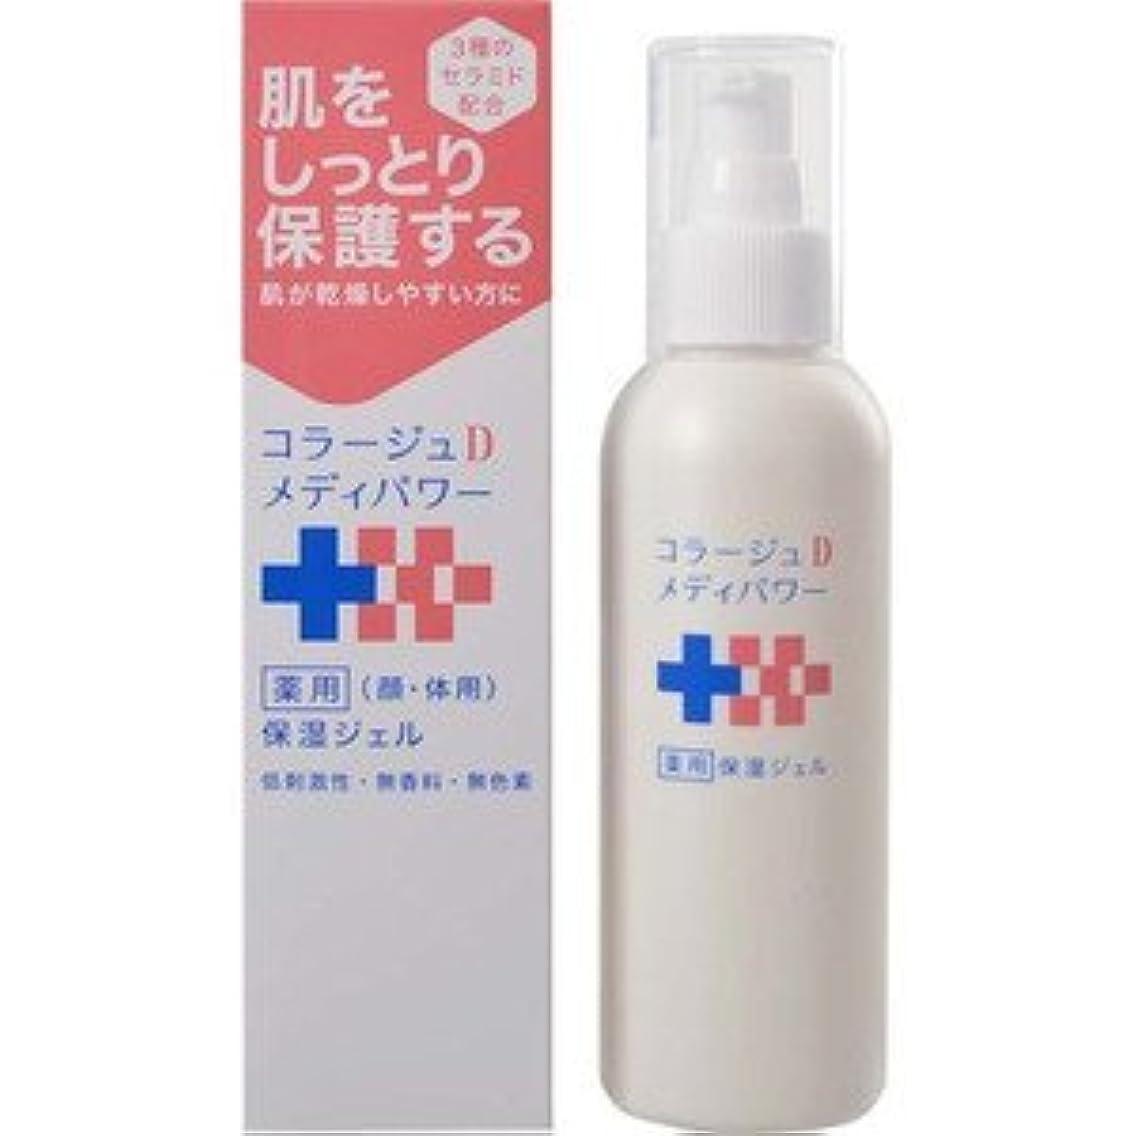 (持田ヘルスケア)コラージュ Dメディパワー薬用保湿ジェルa 150ml(医薬部外品)(お買い得3個セット)